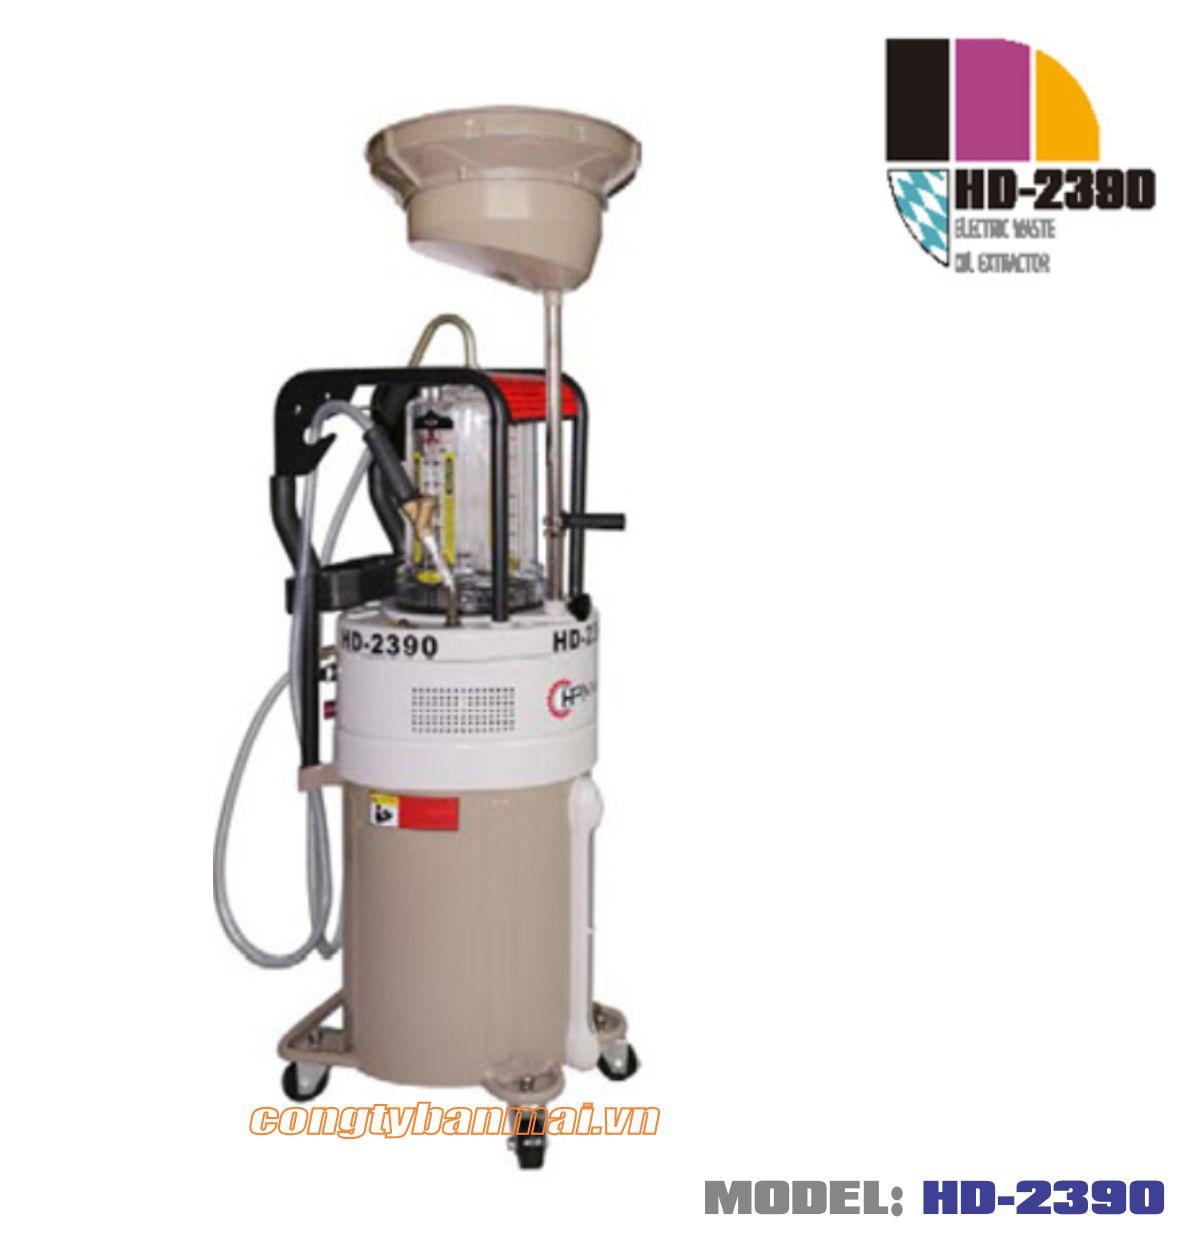 Máy hút dầu thải bằng điện HD-2390